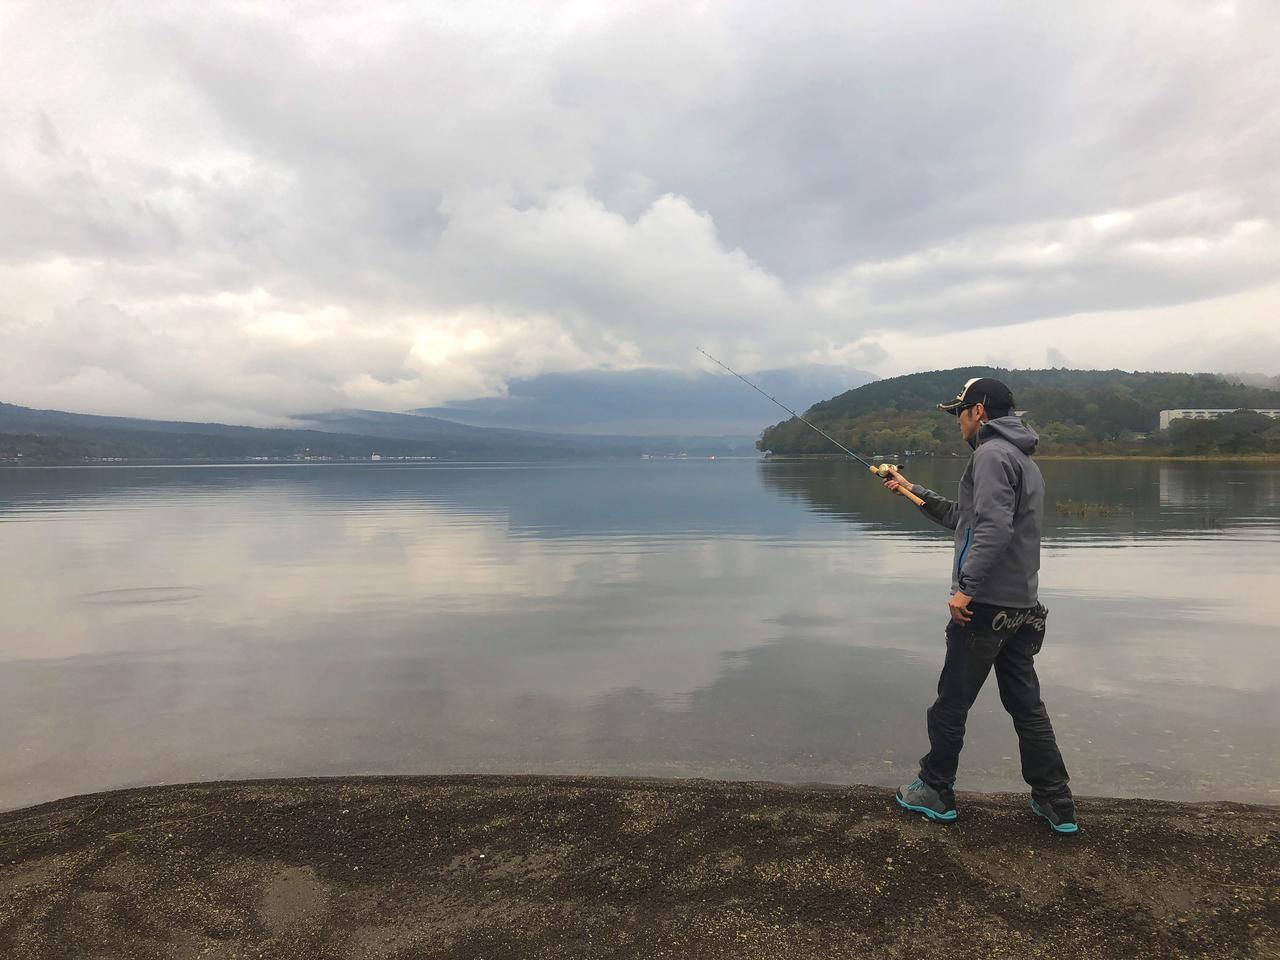 画像3: 10月中旬の山中湖。バス釣りは厳しいか?